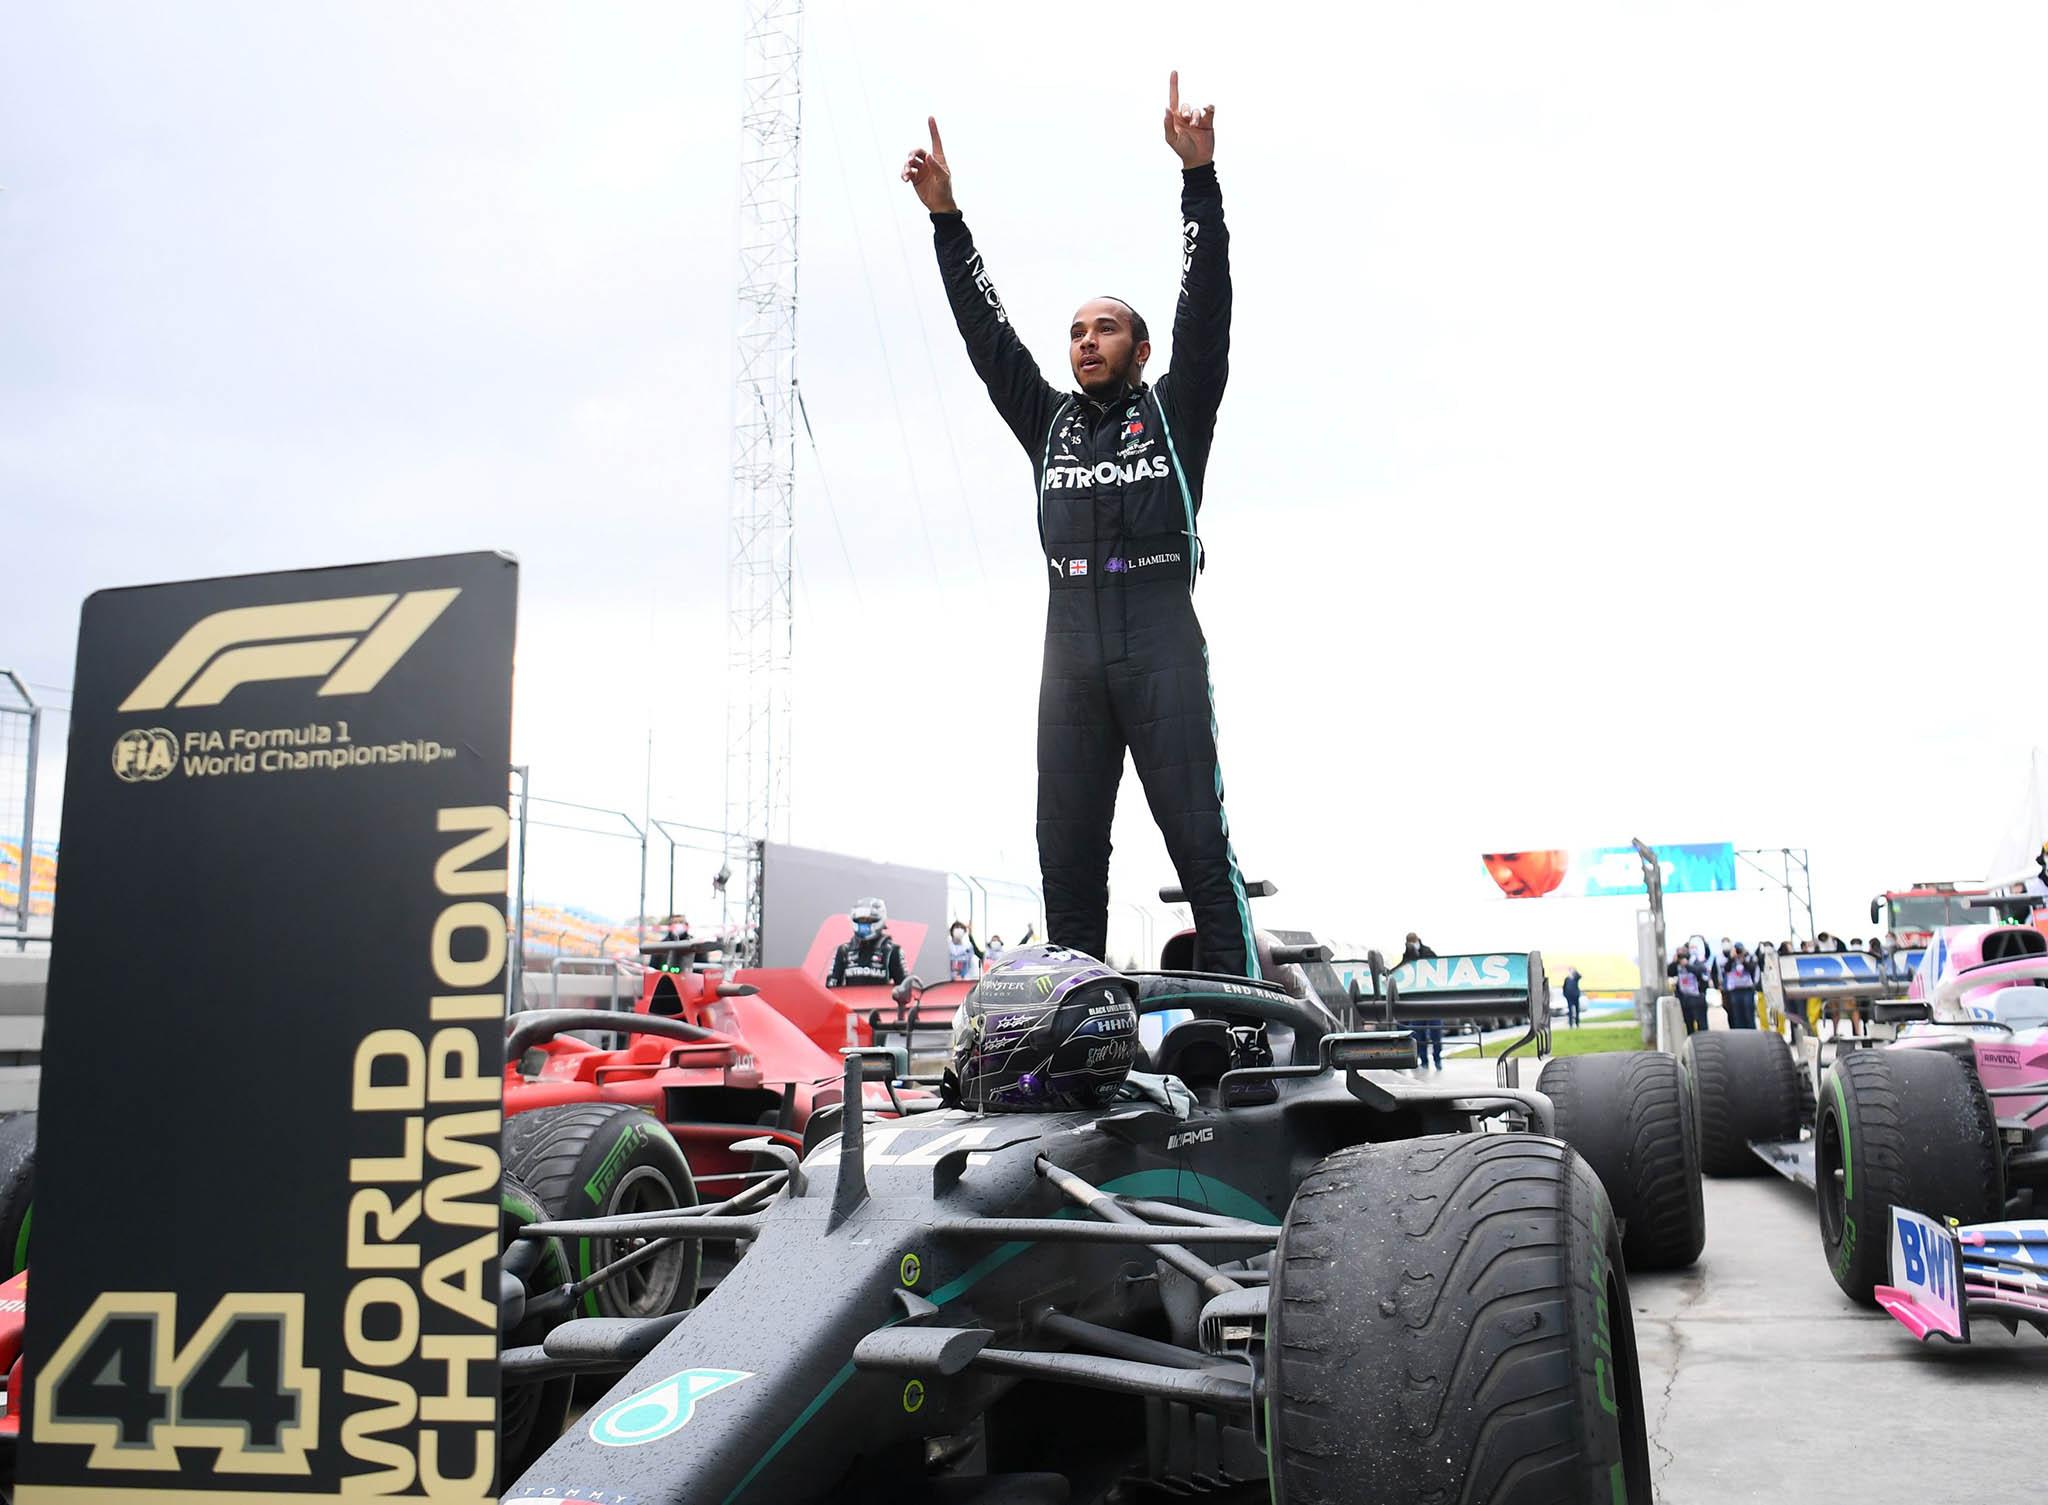 Lewis Hamilton si vítězstvím vnedělní Velké ceně Turecka zajistil sedmý titul mistra světa formule 1.